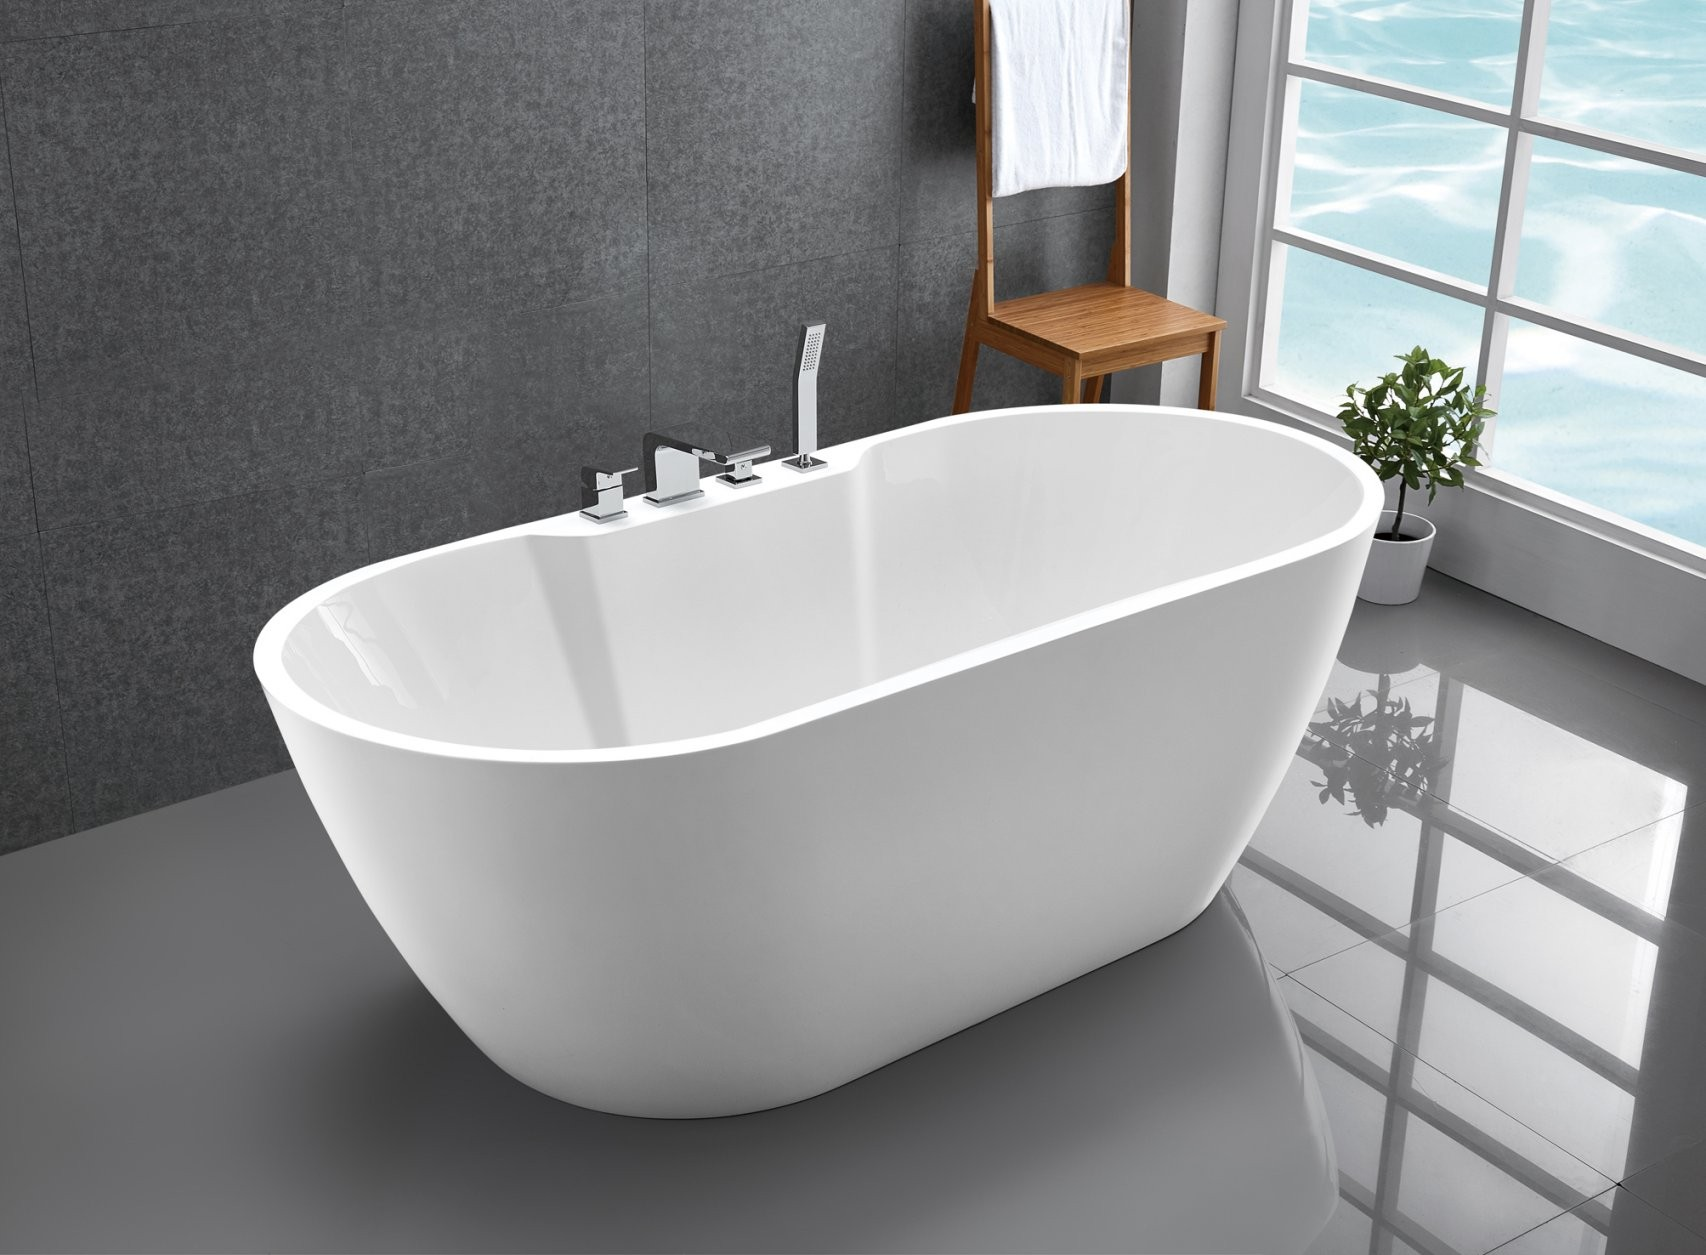 Freistehende Badewanne Standbadewanne Acryl Jazz Plus Weiß 170 X 80 von Ovale Badewannen Freistehend Bild